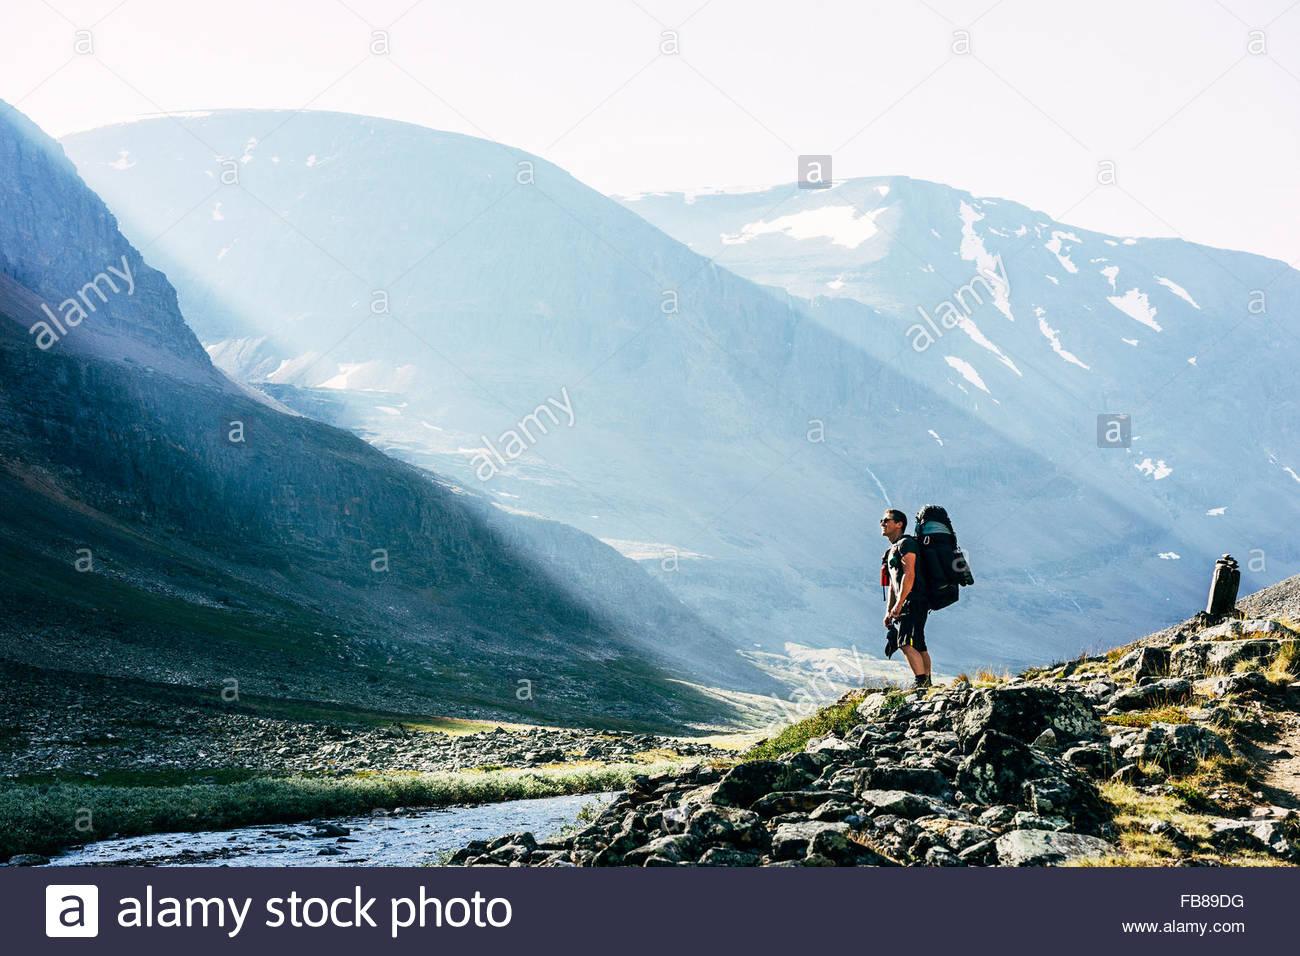 Schweden, Lappland, Ladtjovagge, Kungsleden, männliche Wanderer stehend Fluss im Tal Stockbild